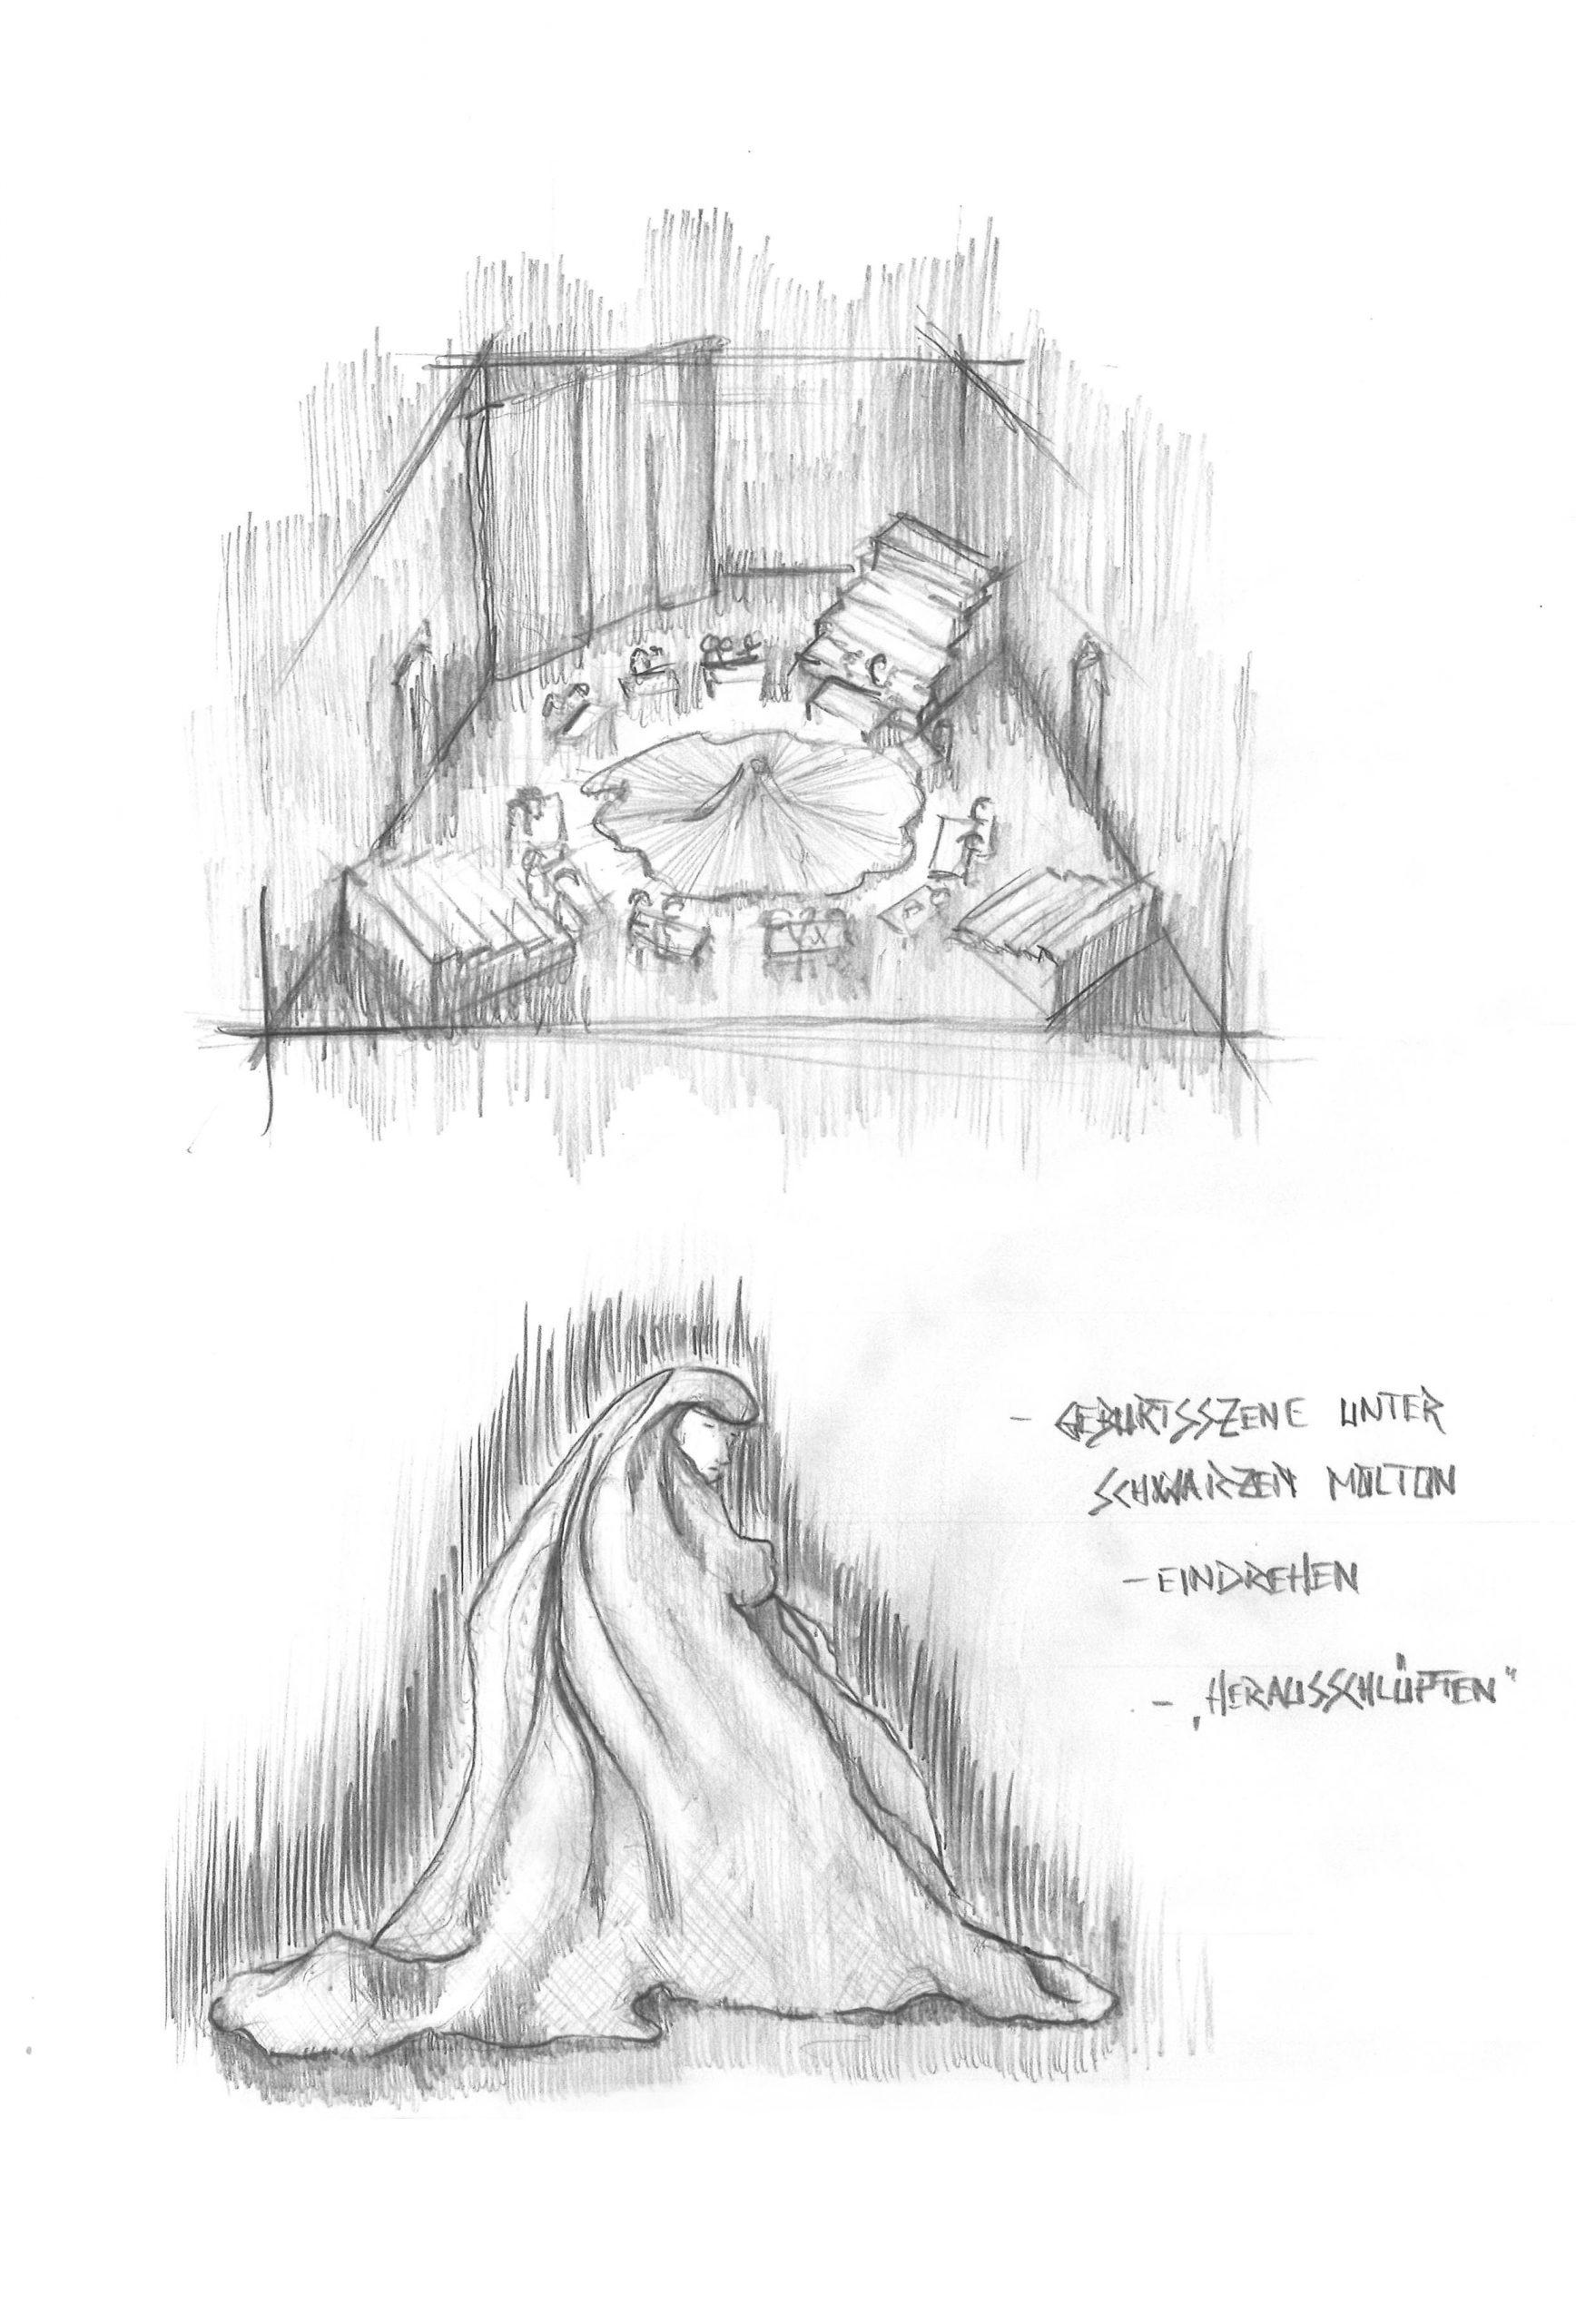 Projekt Parzival Zeichnung Arena / Geburt